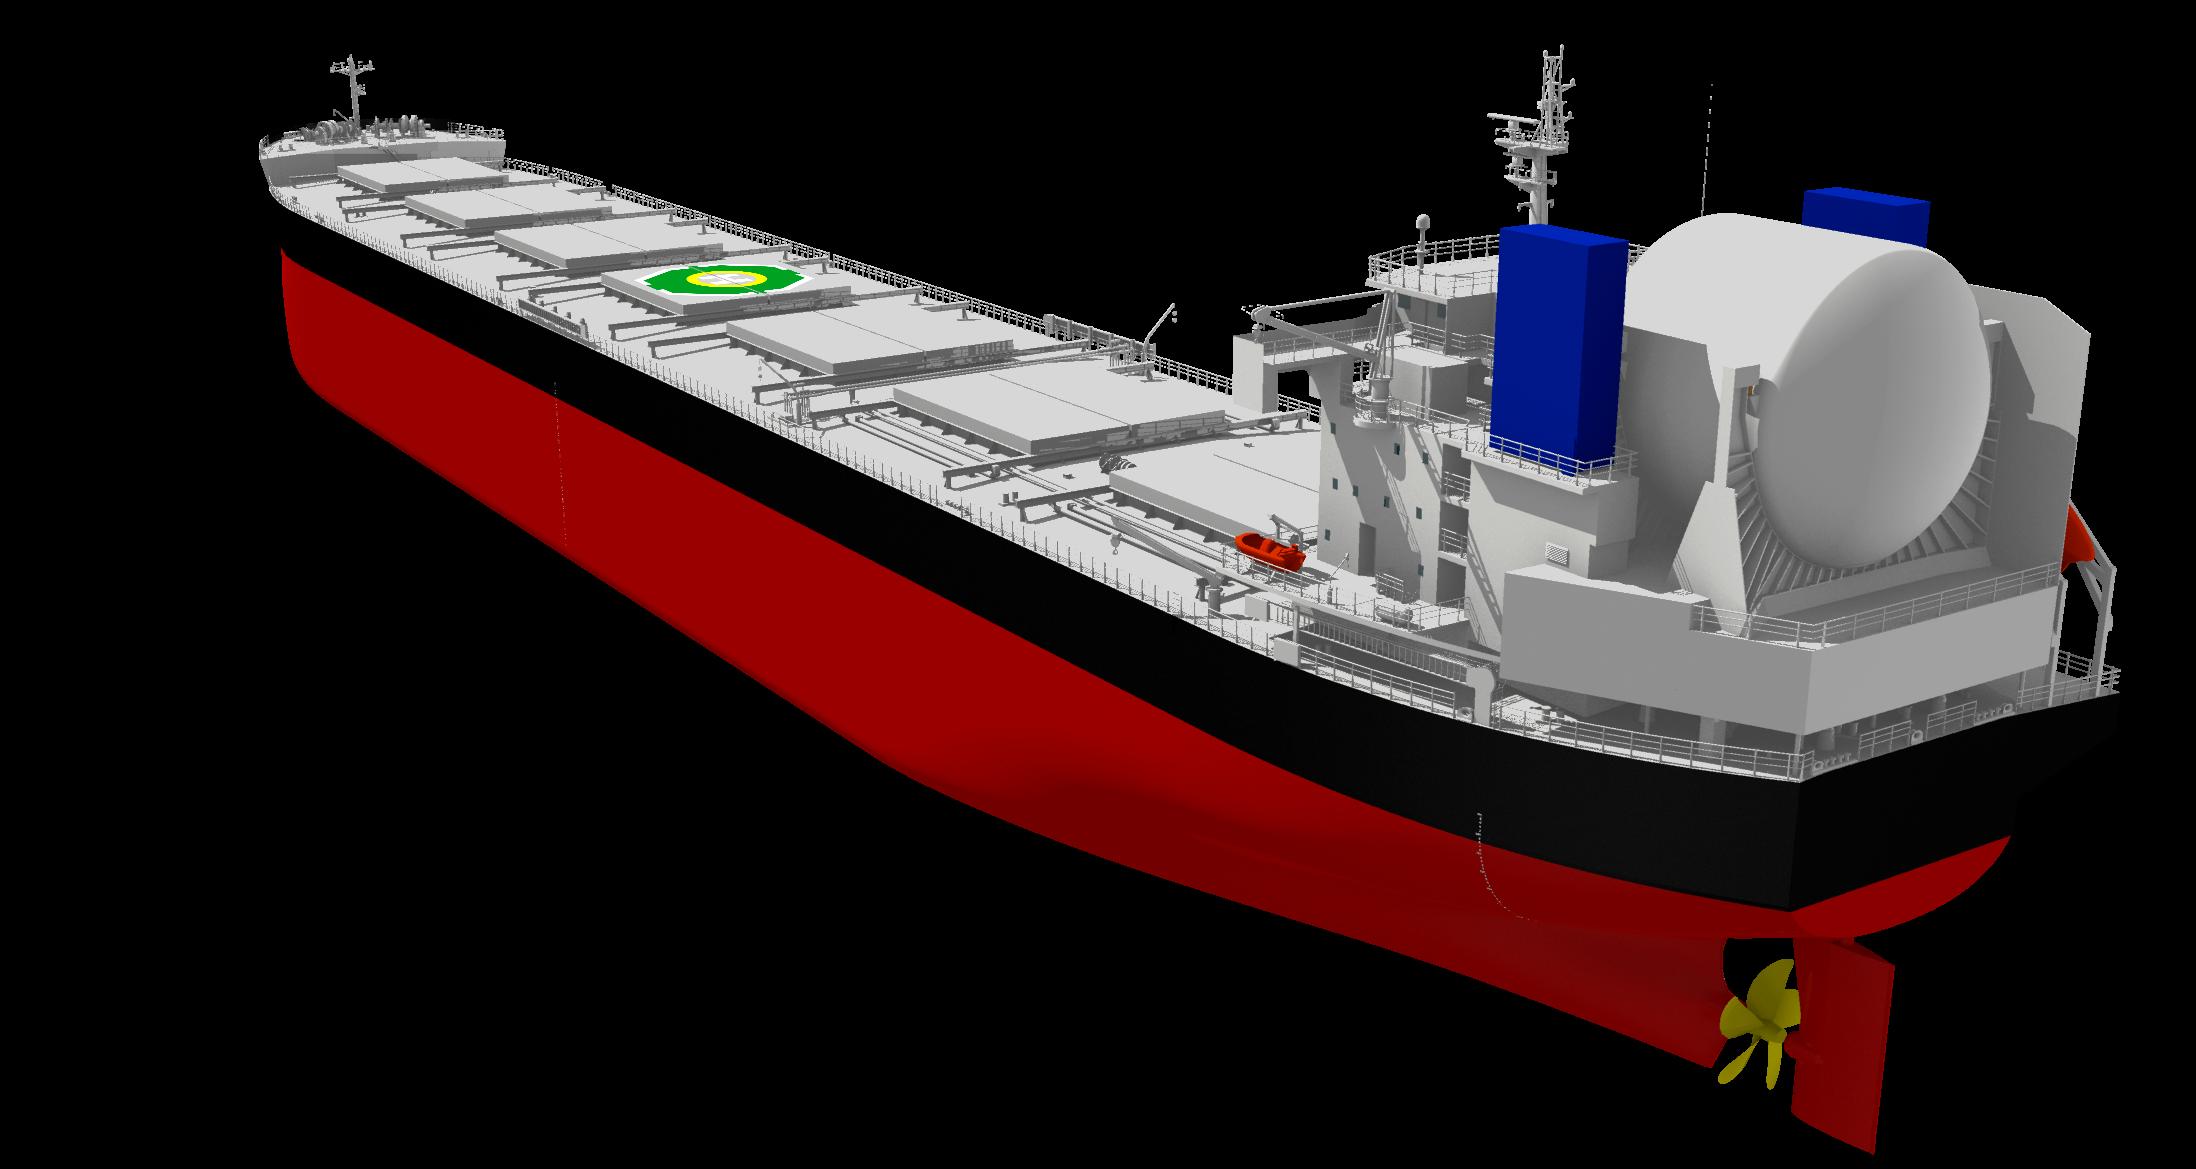 """常石造船LNG燃料散装货船""""KAMSARMAX GF""""获原则性认证(AiP) ~按EEDI标准值比降低40%CO₂"""